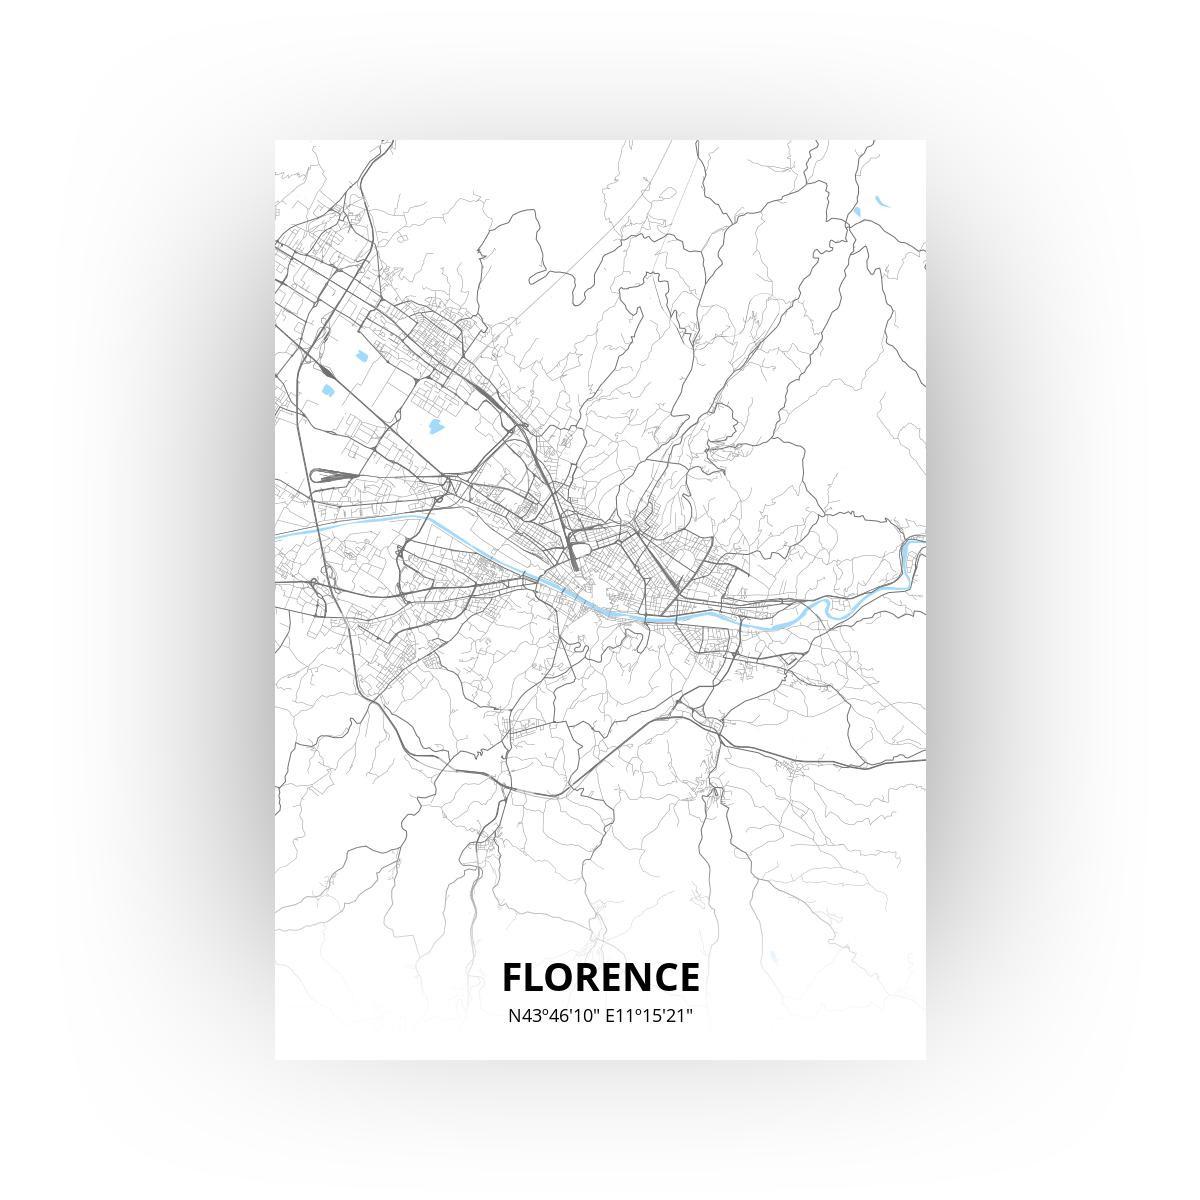 Florence poster - Zelf aan te passen!